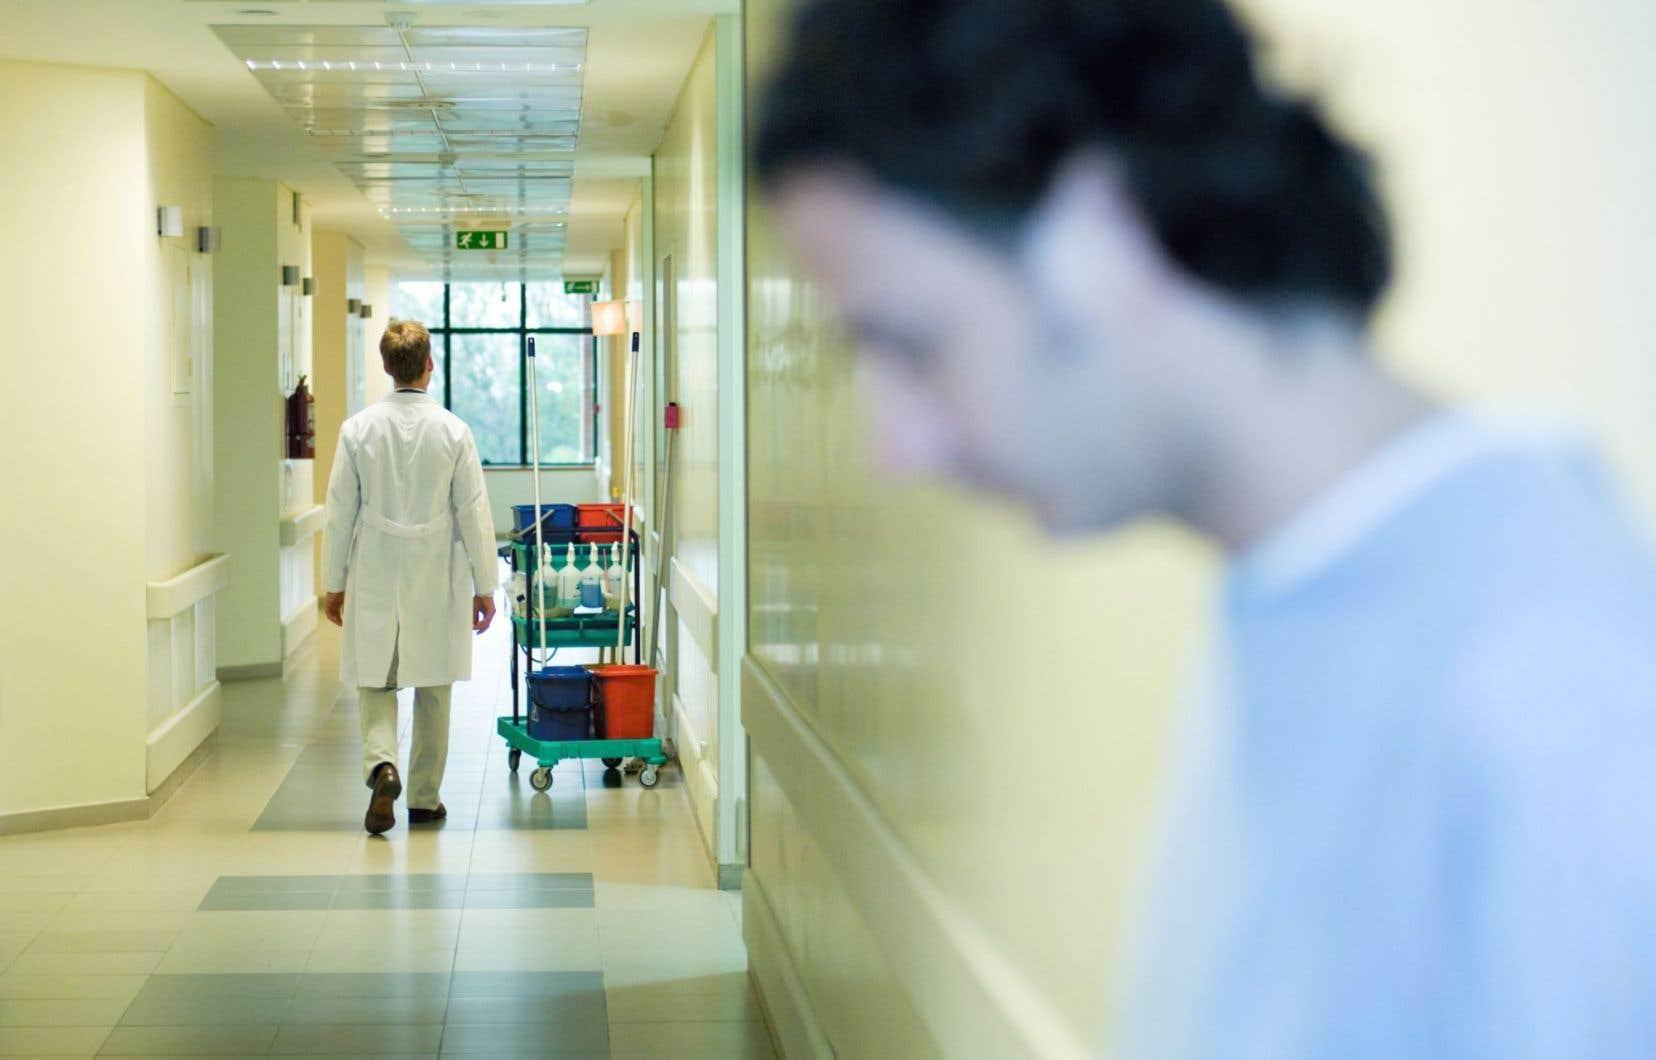 Le manque de psychologues dans le réseau aurait des impacts sur les services publics. En CLSC, le délai d'attente pour obtenir une consultation oscille entre quatre et huit mois.